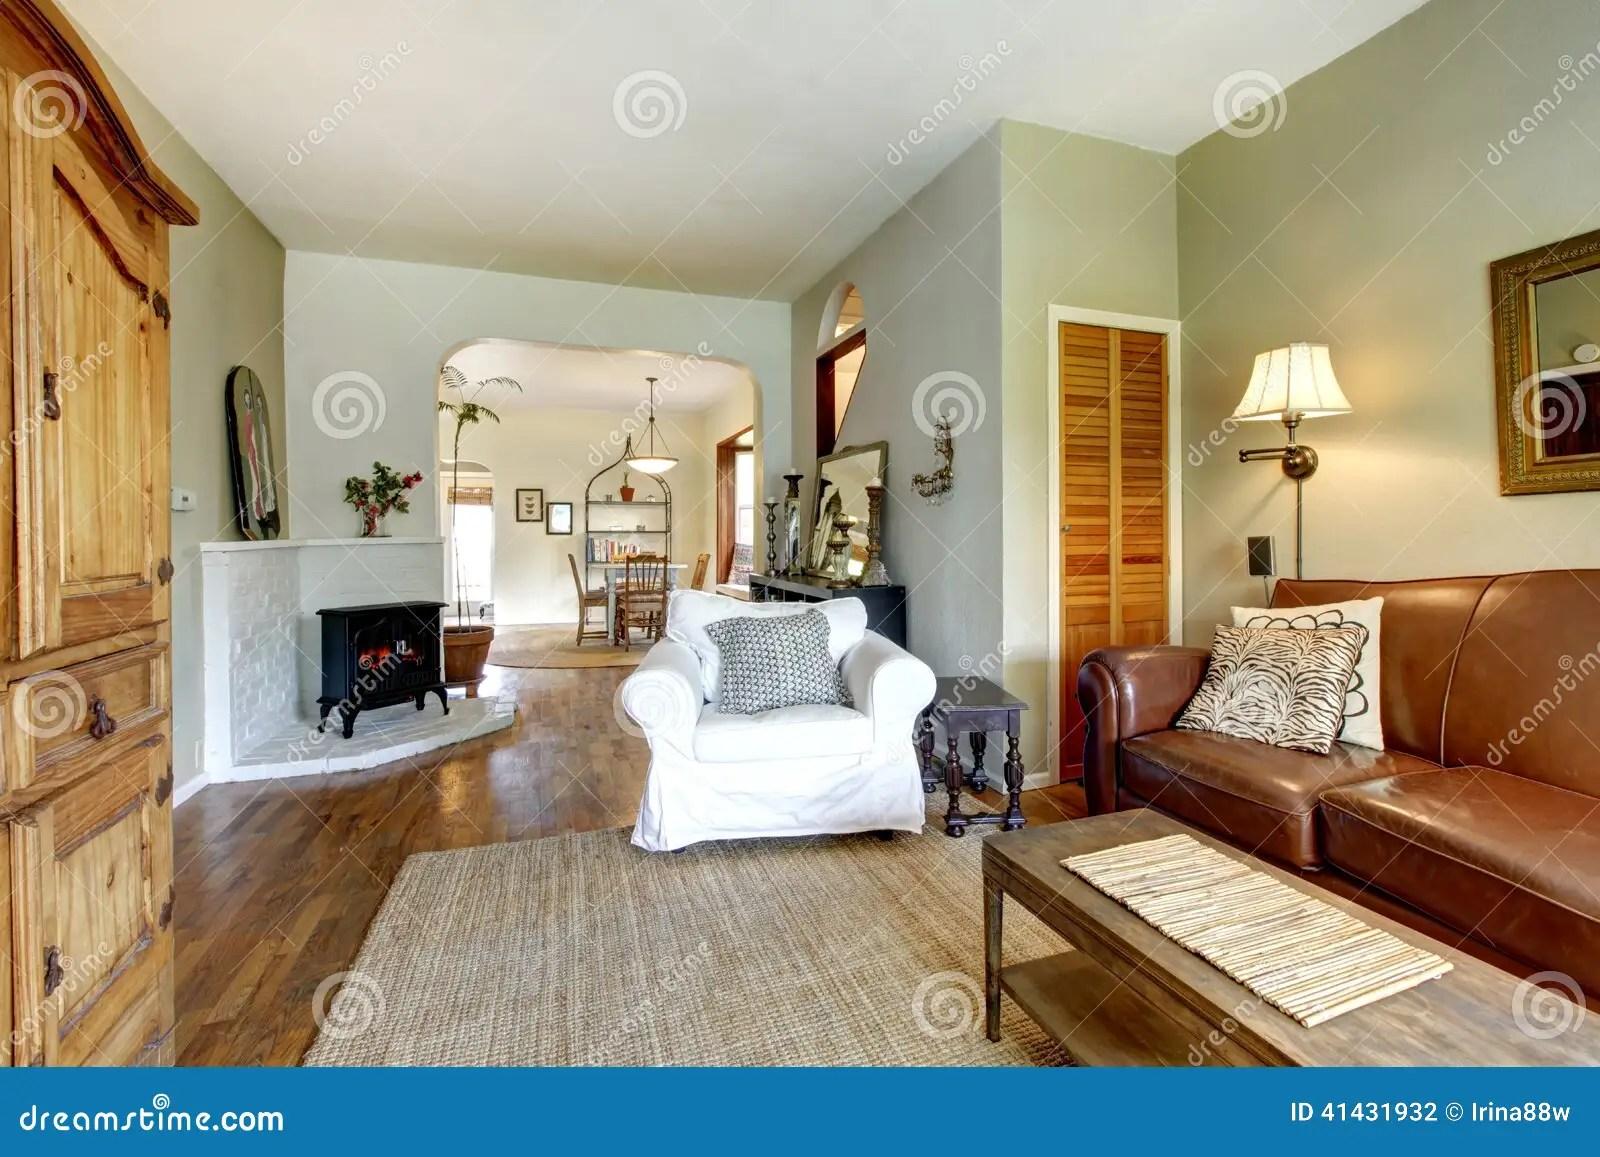 Antique White Living Room Furniture